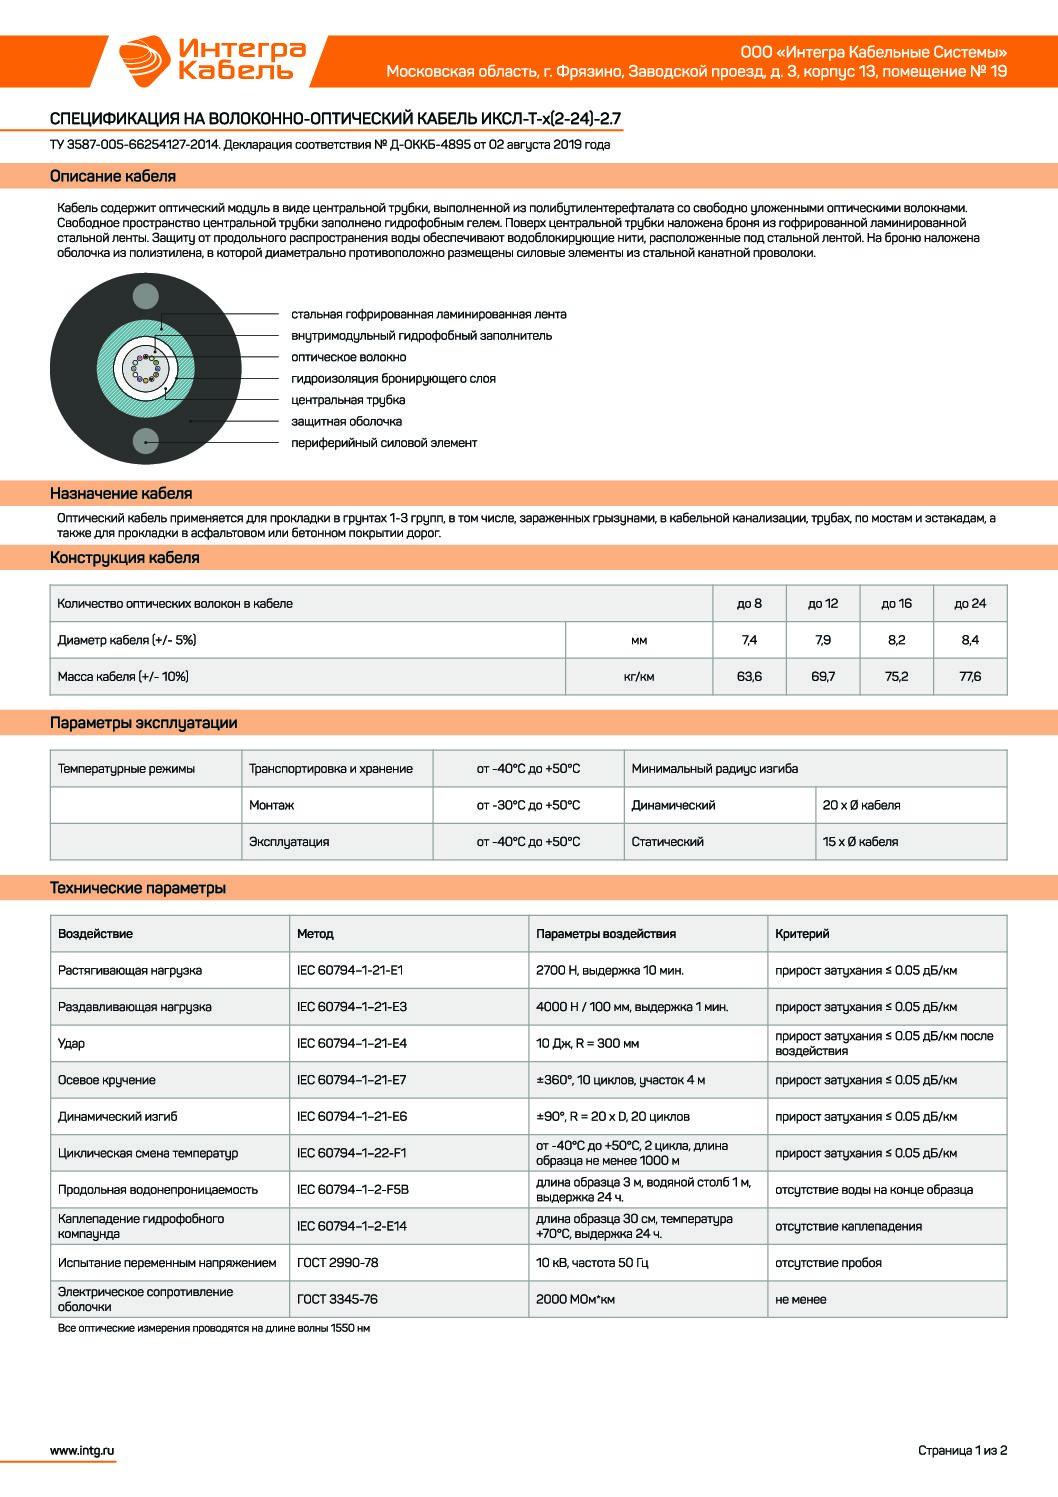 Спецификация ИКСЛ-Т-х(2-24)-2.7